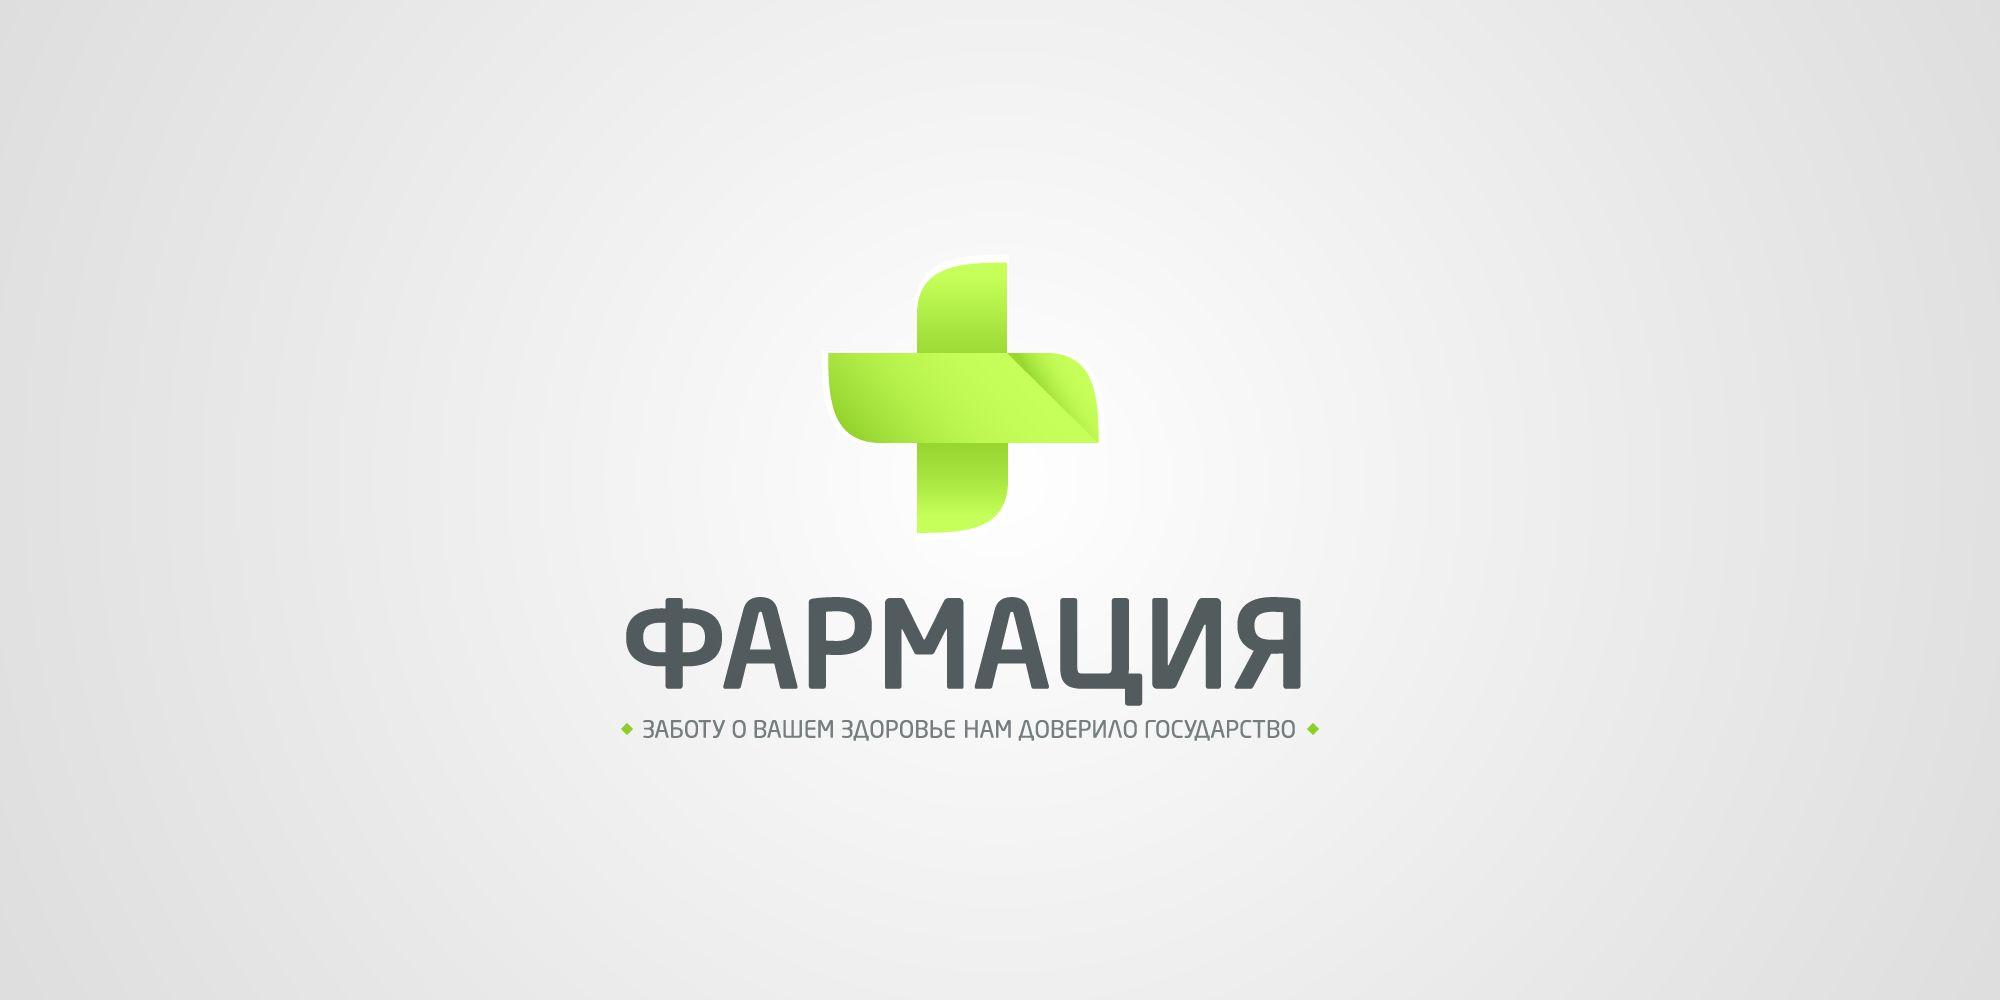 Логотип для государственной аптеки - дизайнер e5en